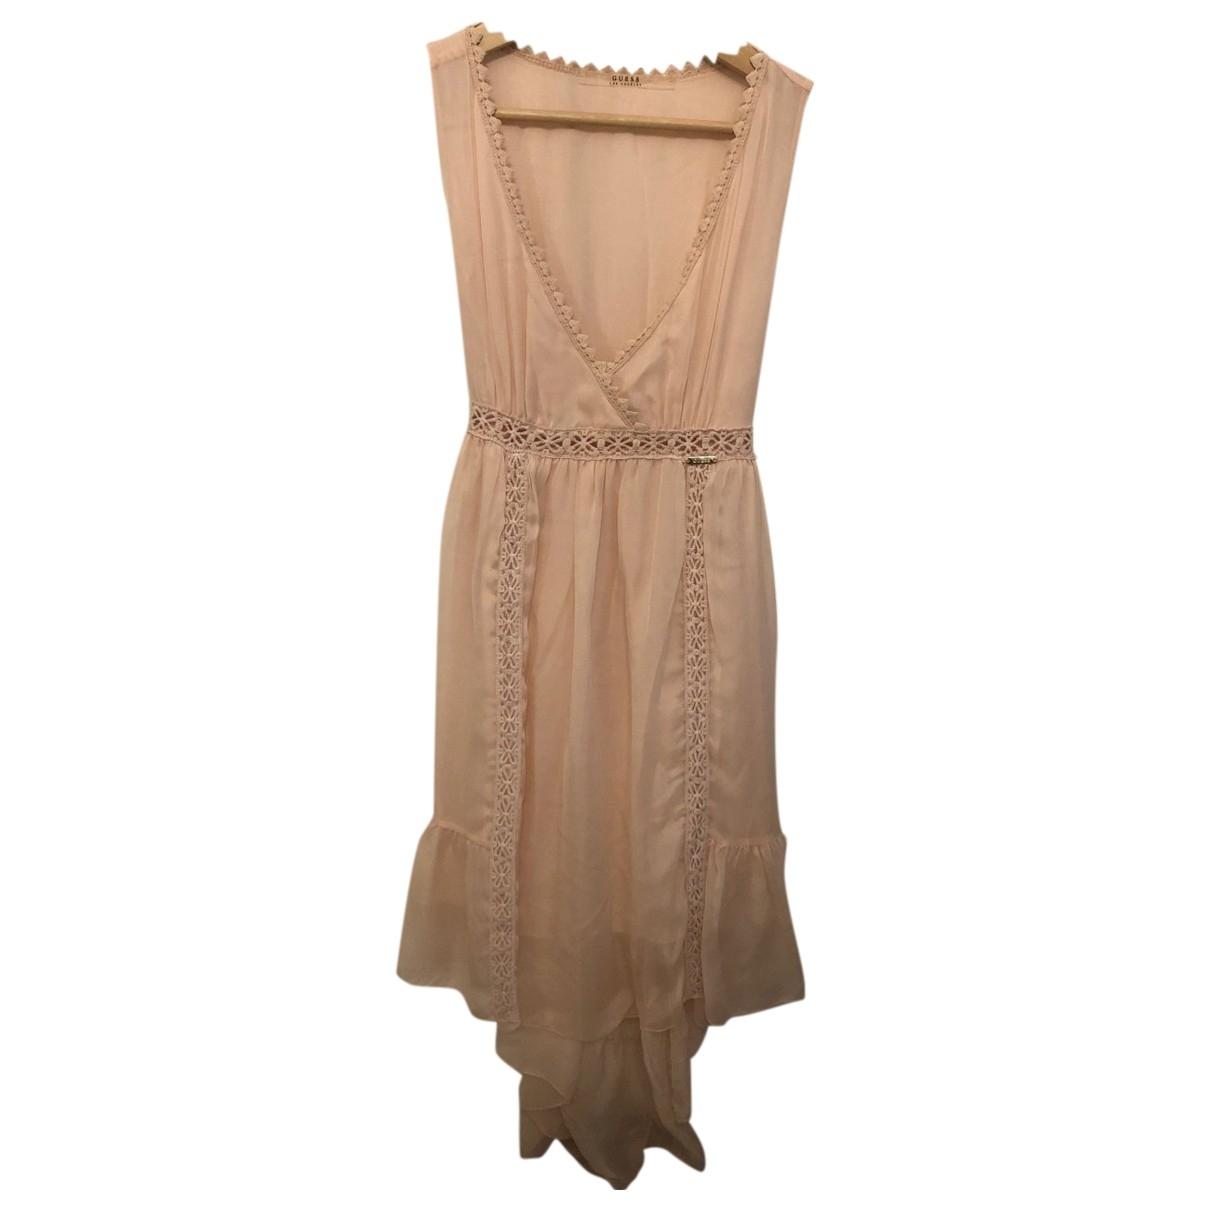 Guess \N Pink dress for Women XS International